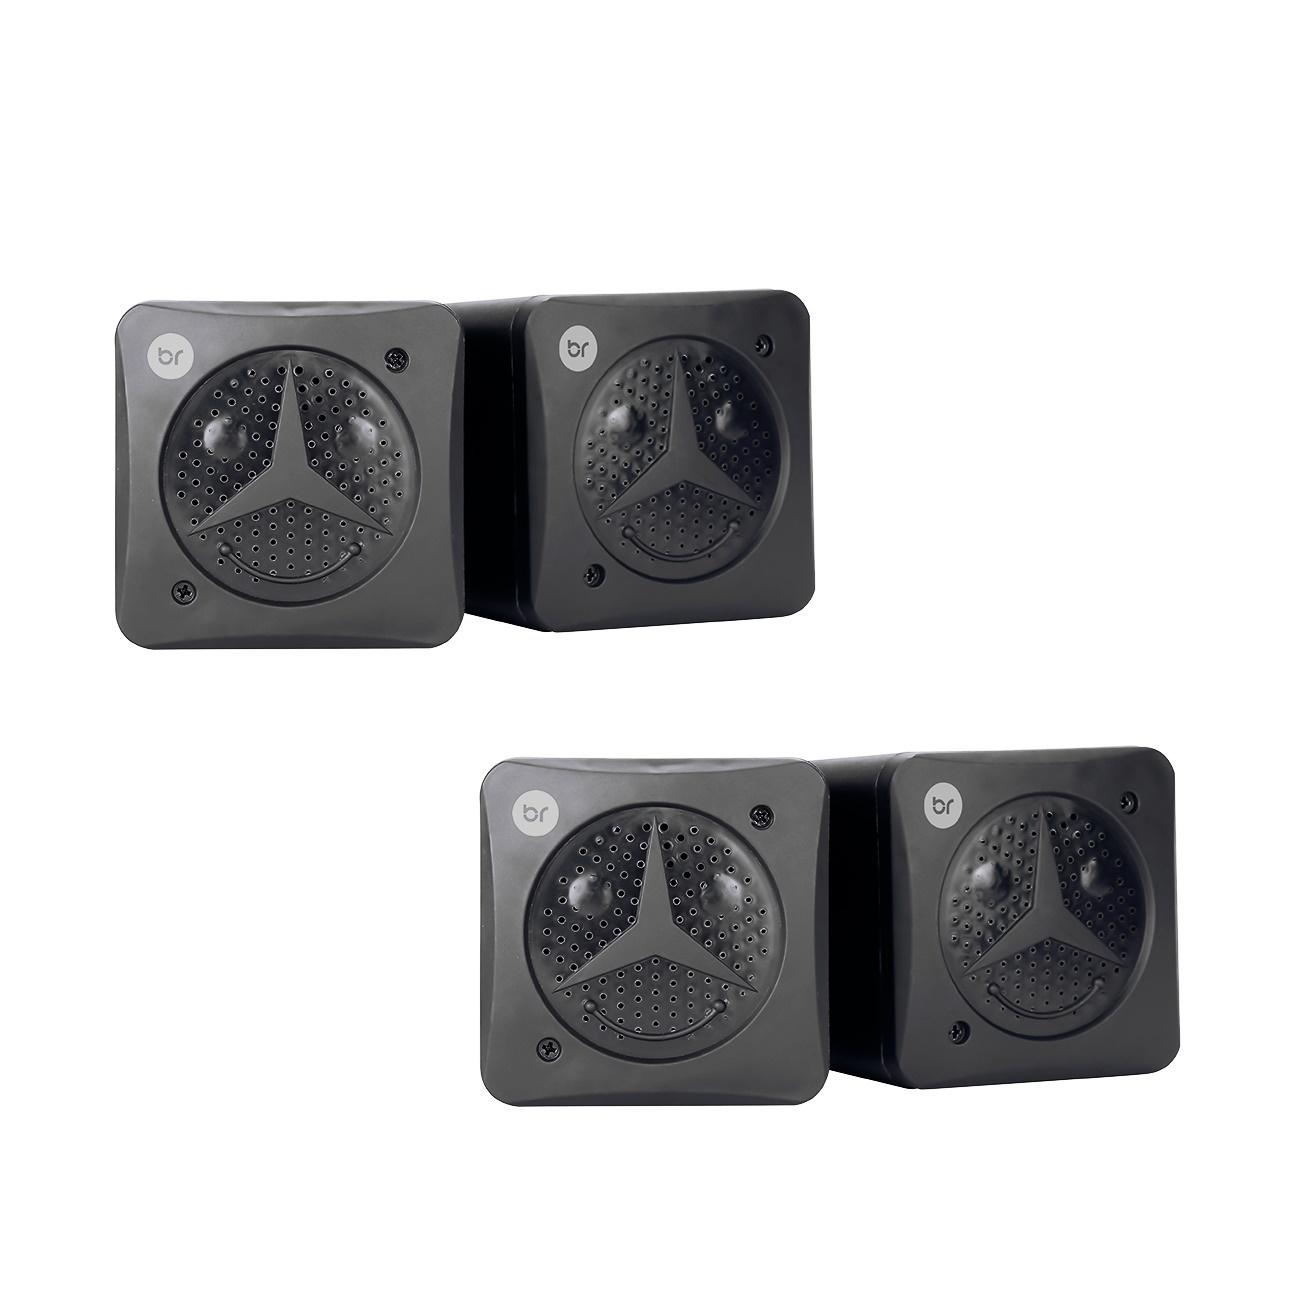 Kit 2 Mini Caixas de Som Portátil 5W Usb P2 Pc Notebook 0359